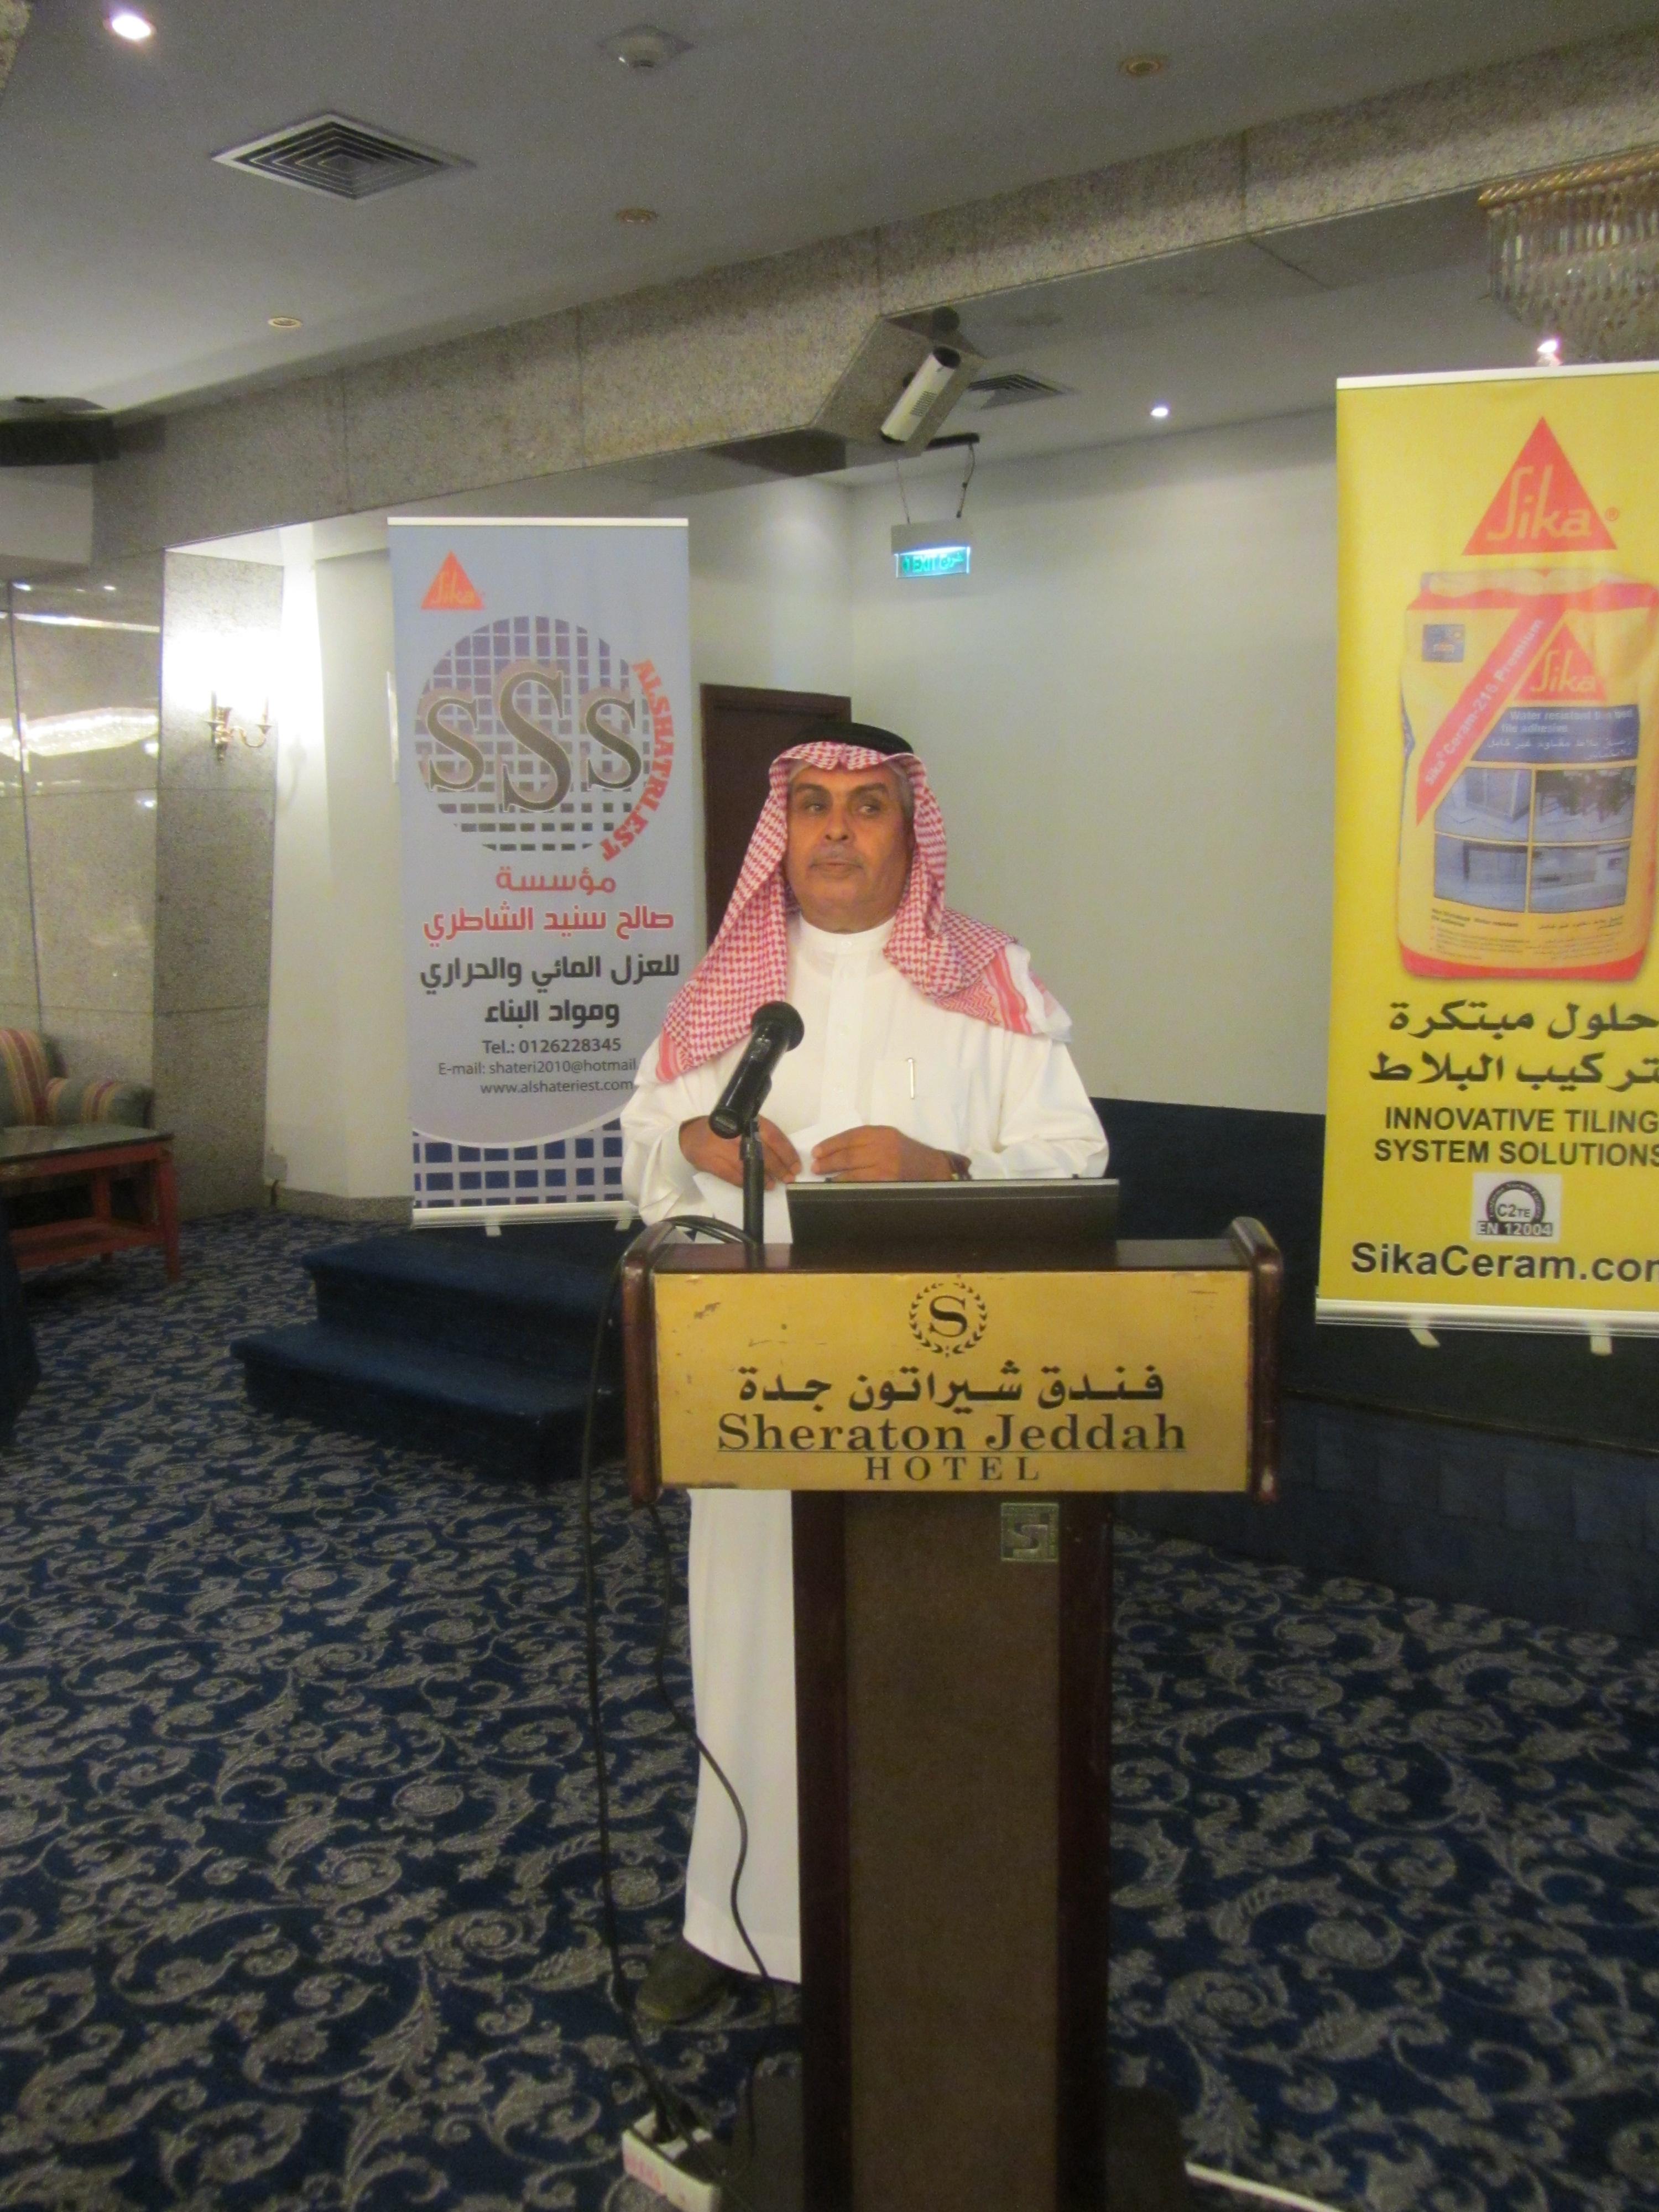 سمنارمؤسسة الشاطري بالتعاون مع شركة سيكا بمدينة جدة